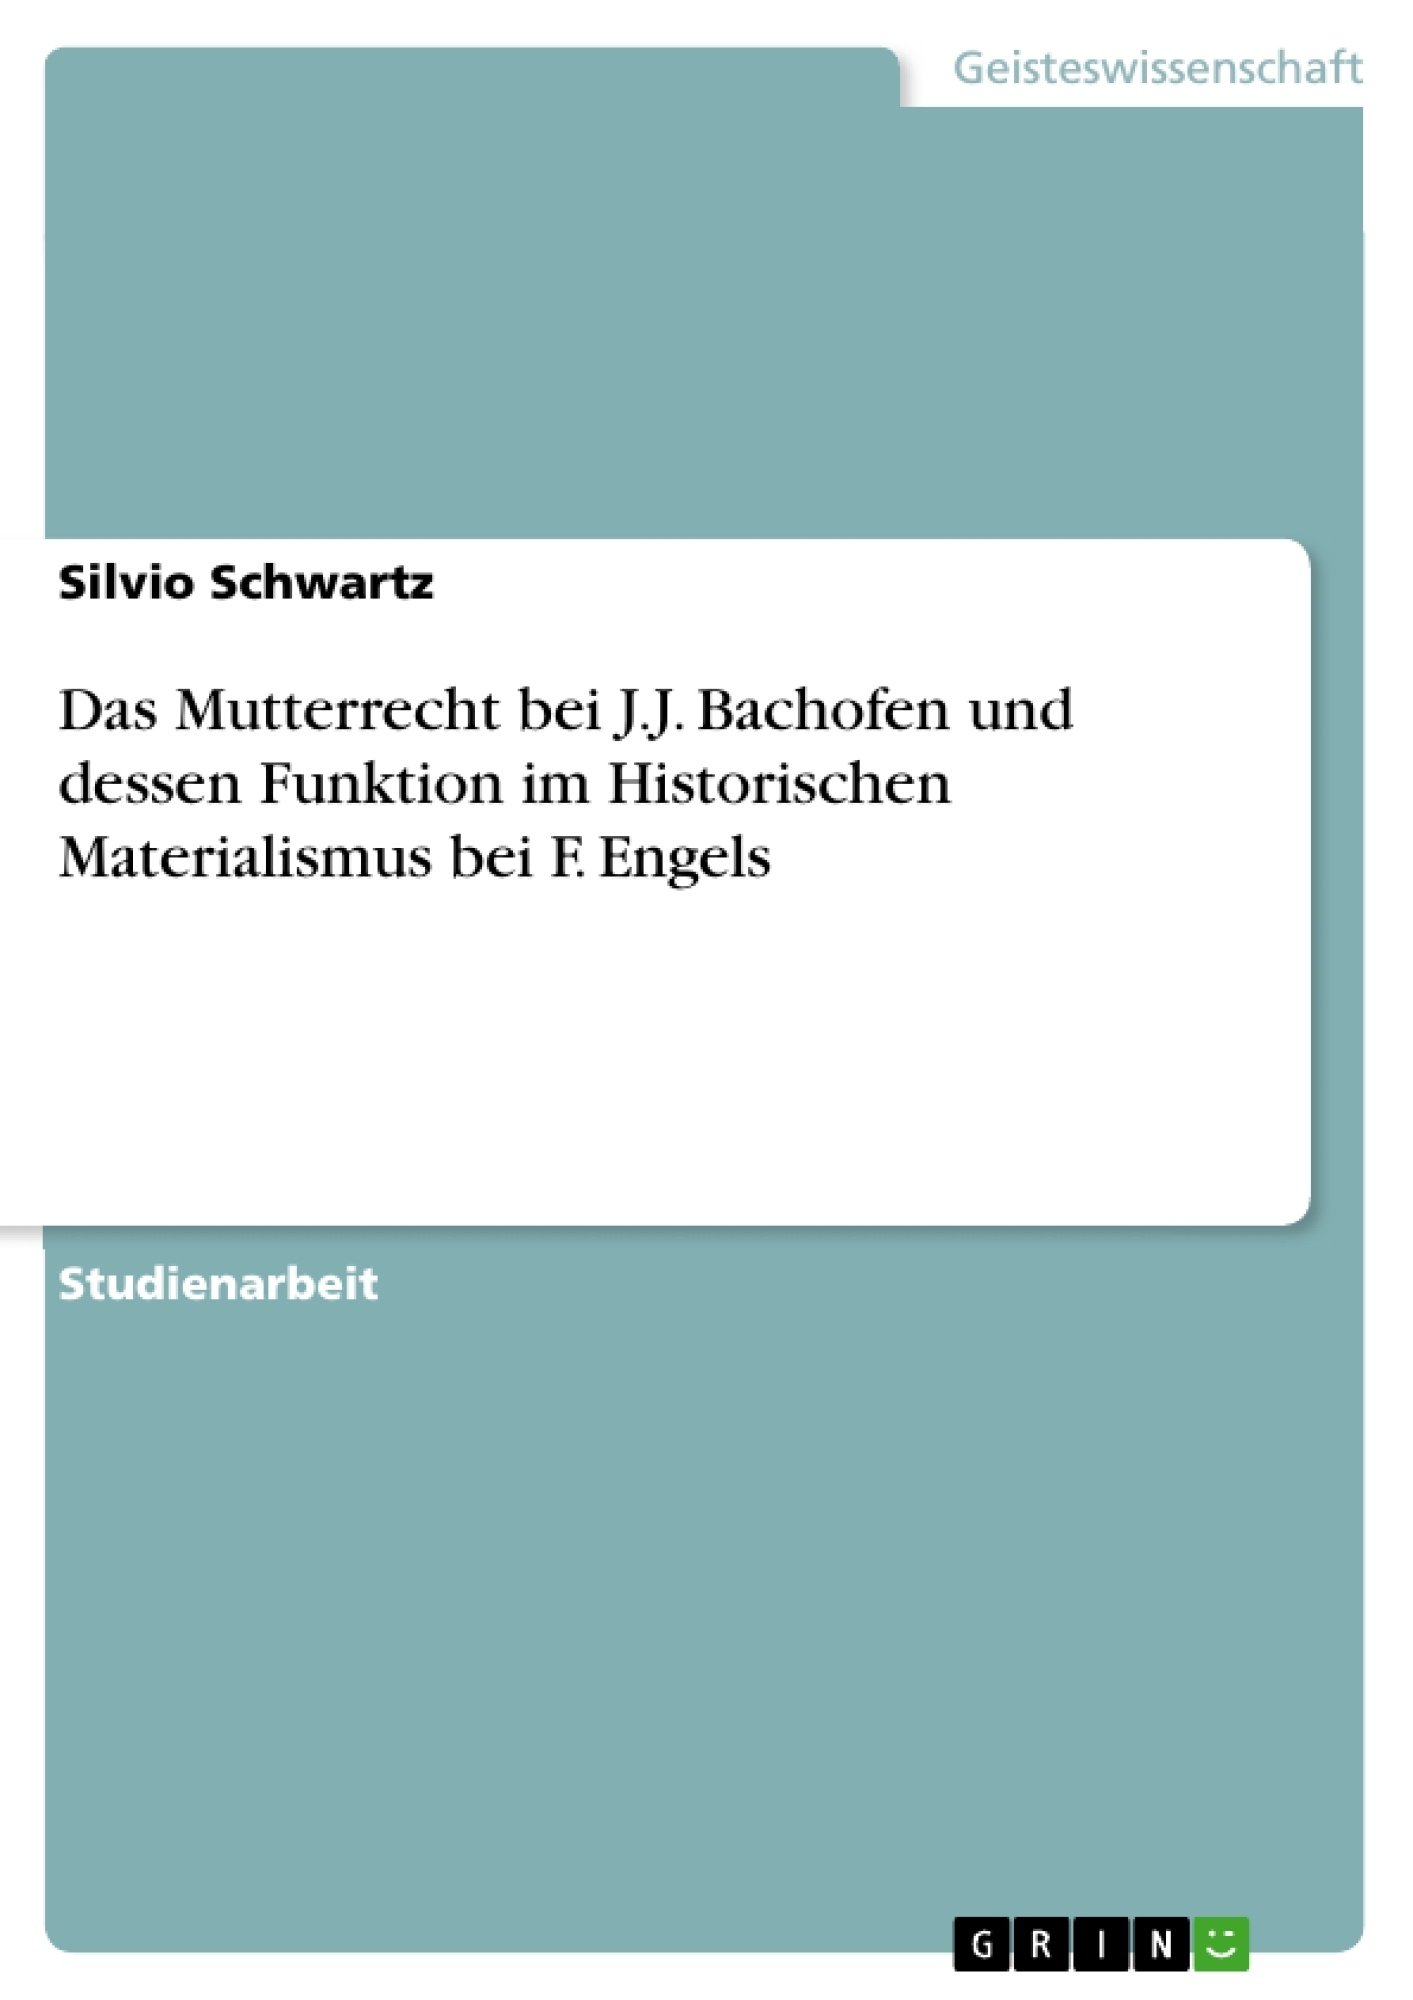 Titel: Das Mutterrecht bei J.J. Bachofen und dessen Funktion im Historischen Materialismus bei F. Engels